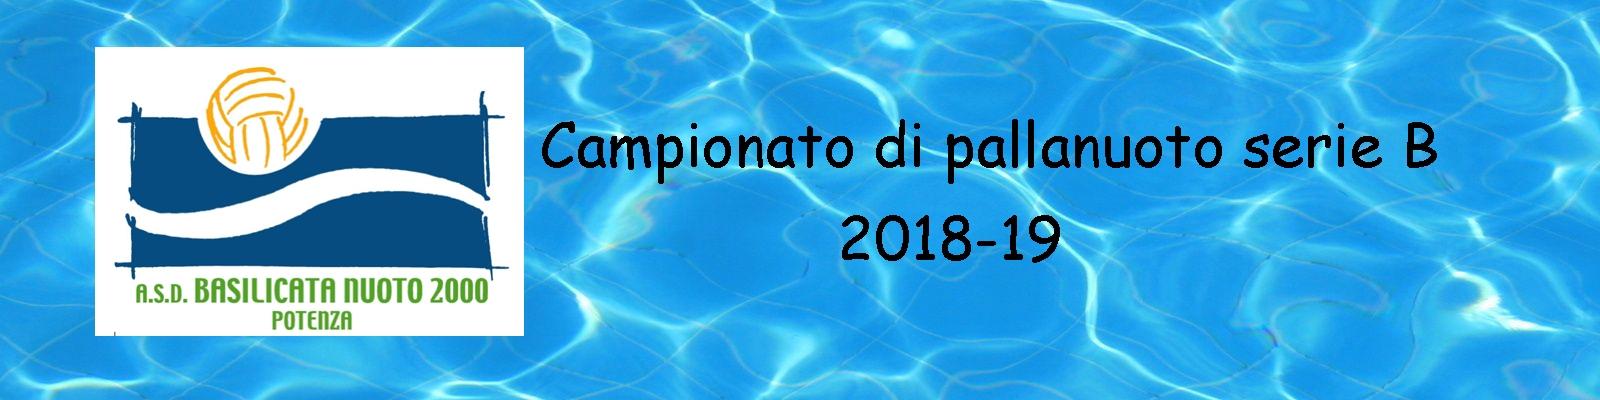 Basilicata Nuoto 2000 anno 2019